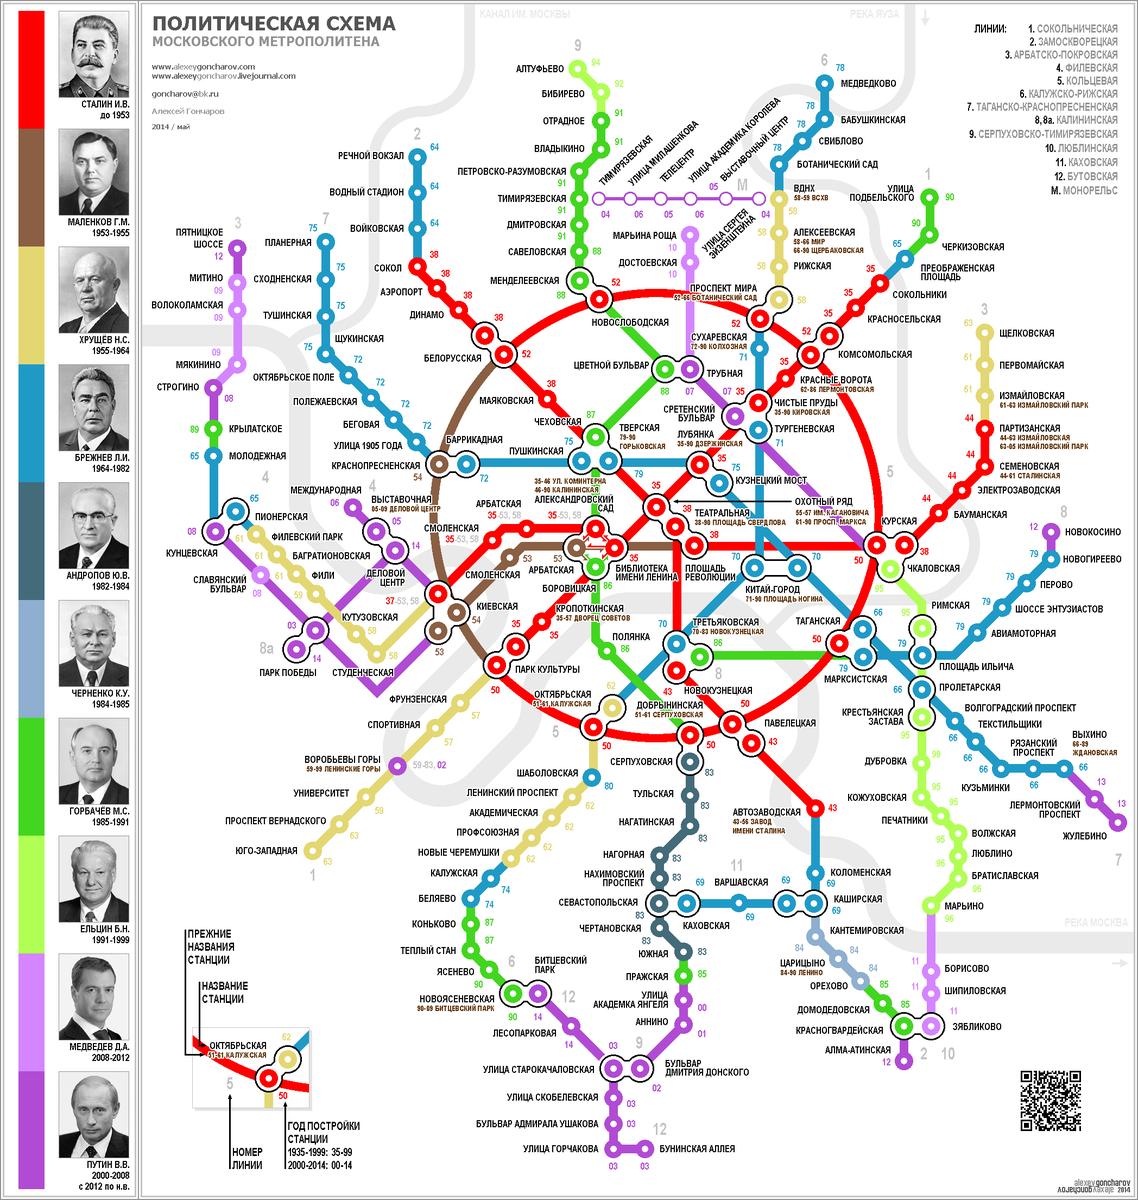 Схема от метро теплый стан до красногвардейской